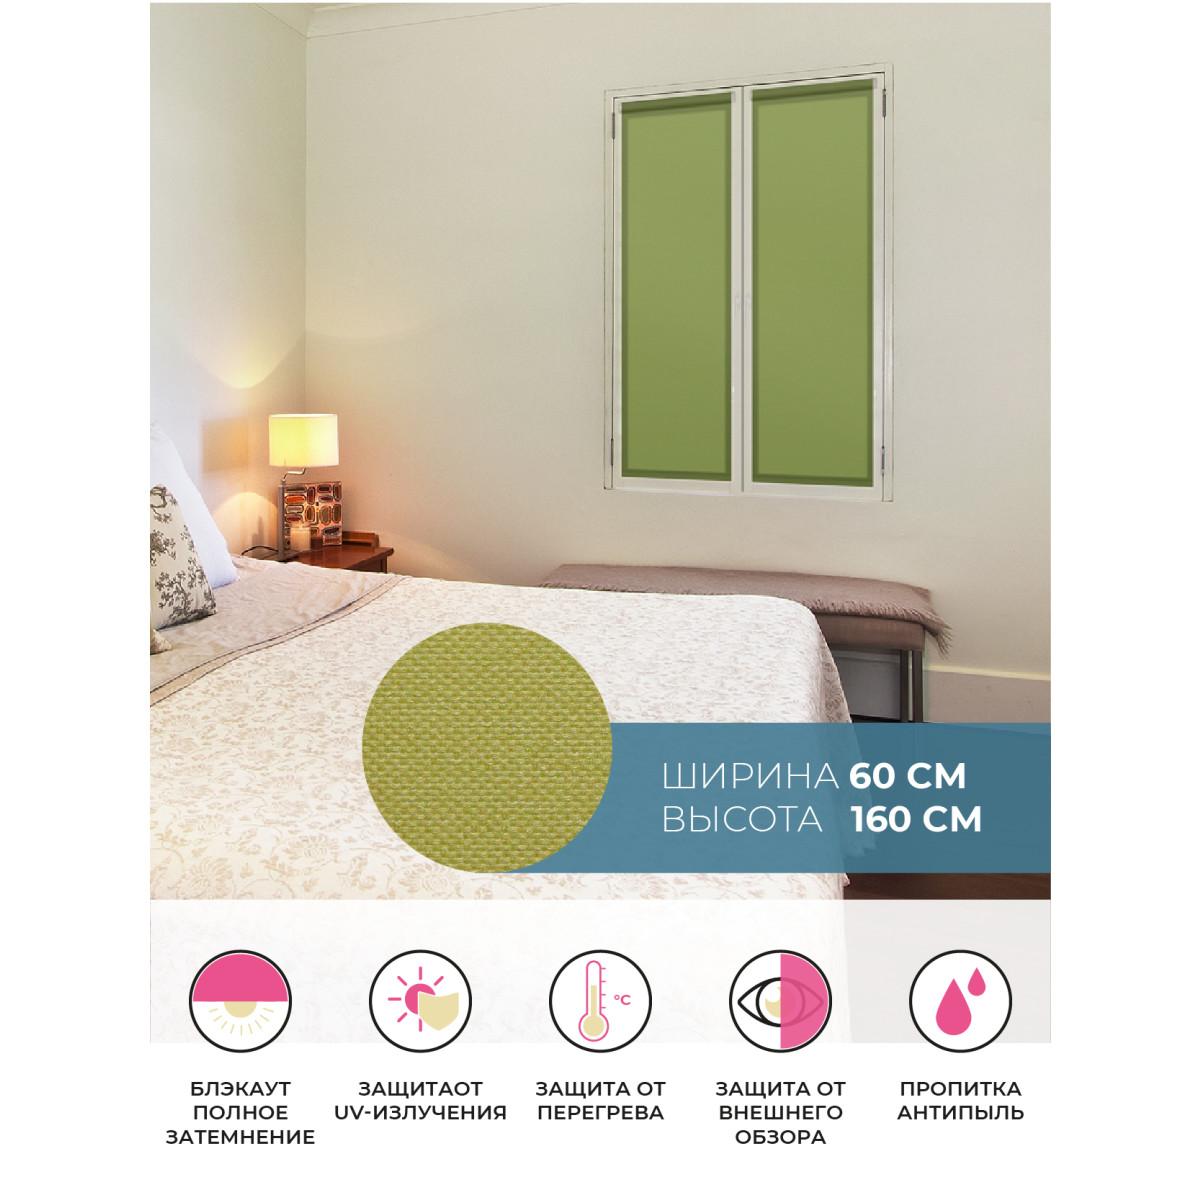 Рулонная Ора Decofest Блэкаут Плайн 60Х160 Цвет Зеленый